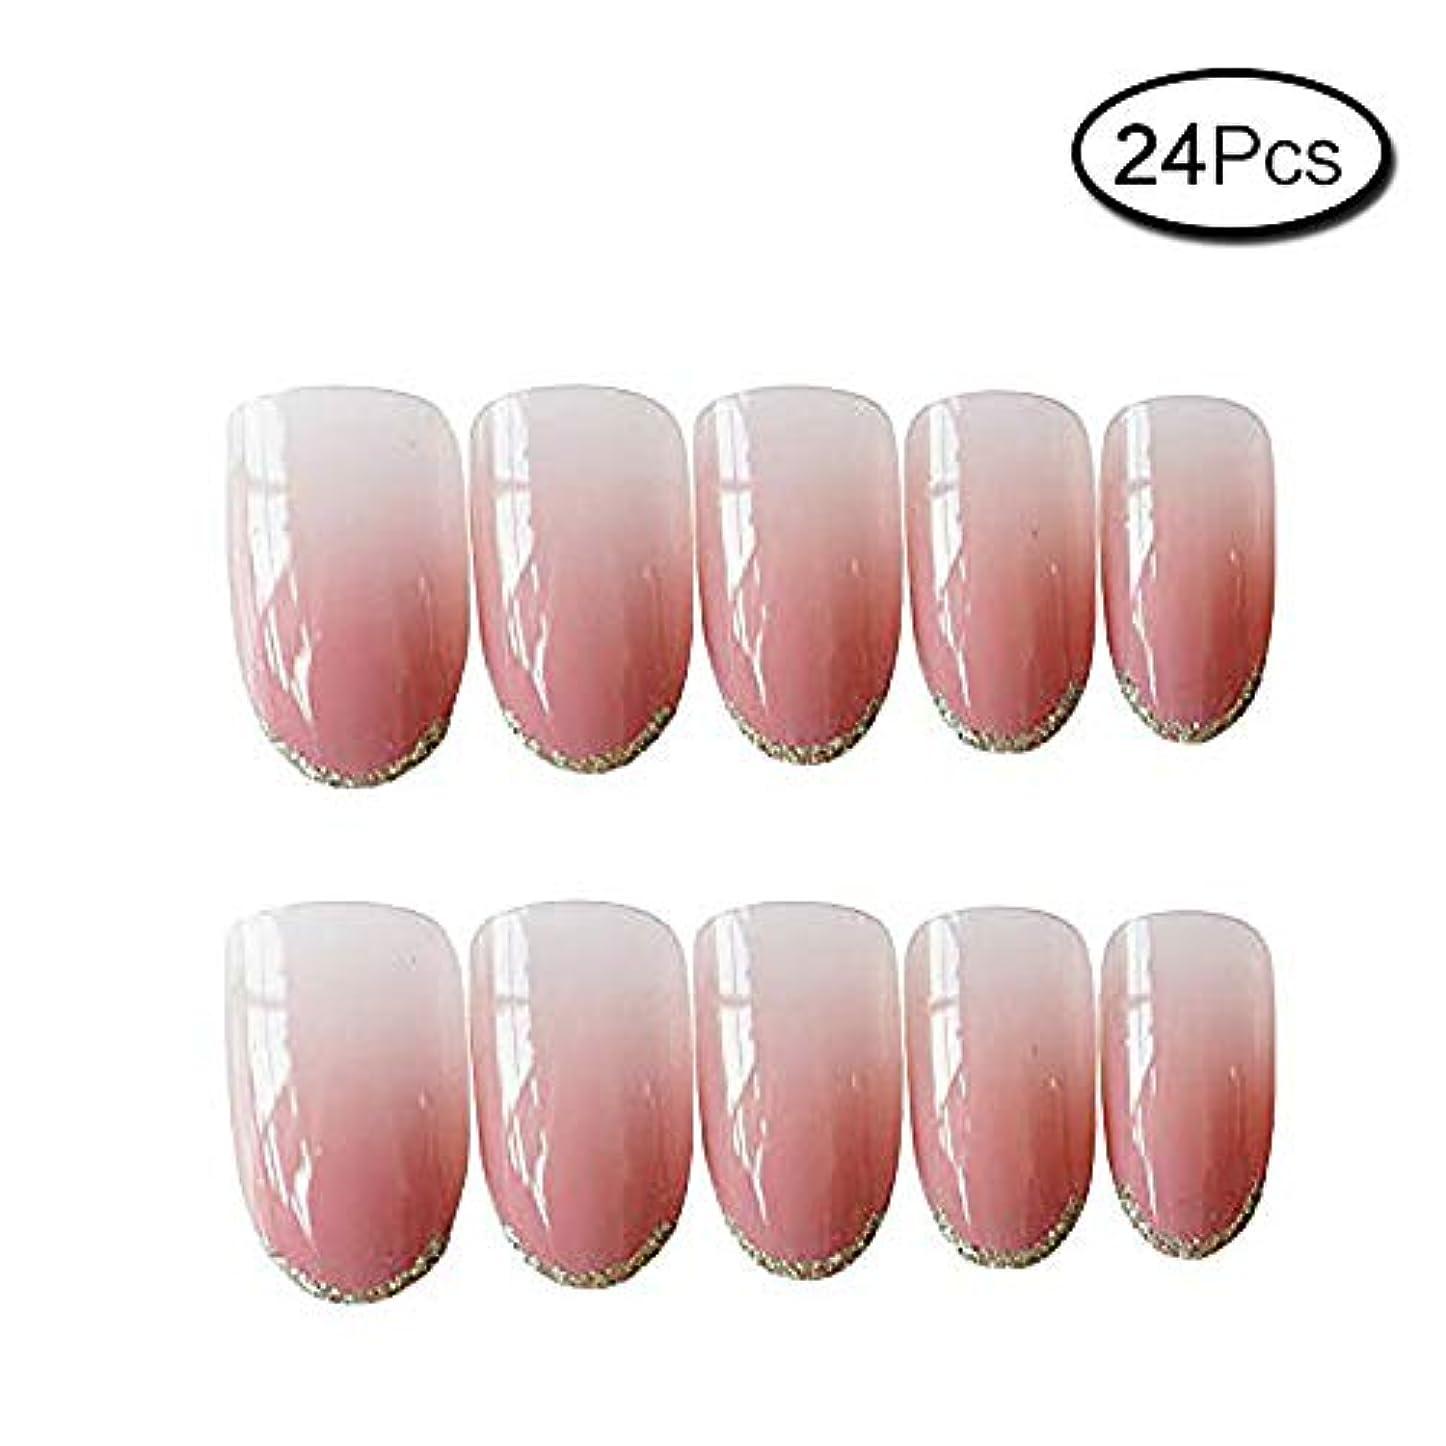 ランドリー論理的セレナ24枚入 手作りネイルチップ ファッション プノンペン グラデーション色 ネイルアート チェリーパウダー